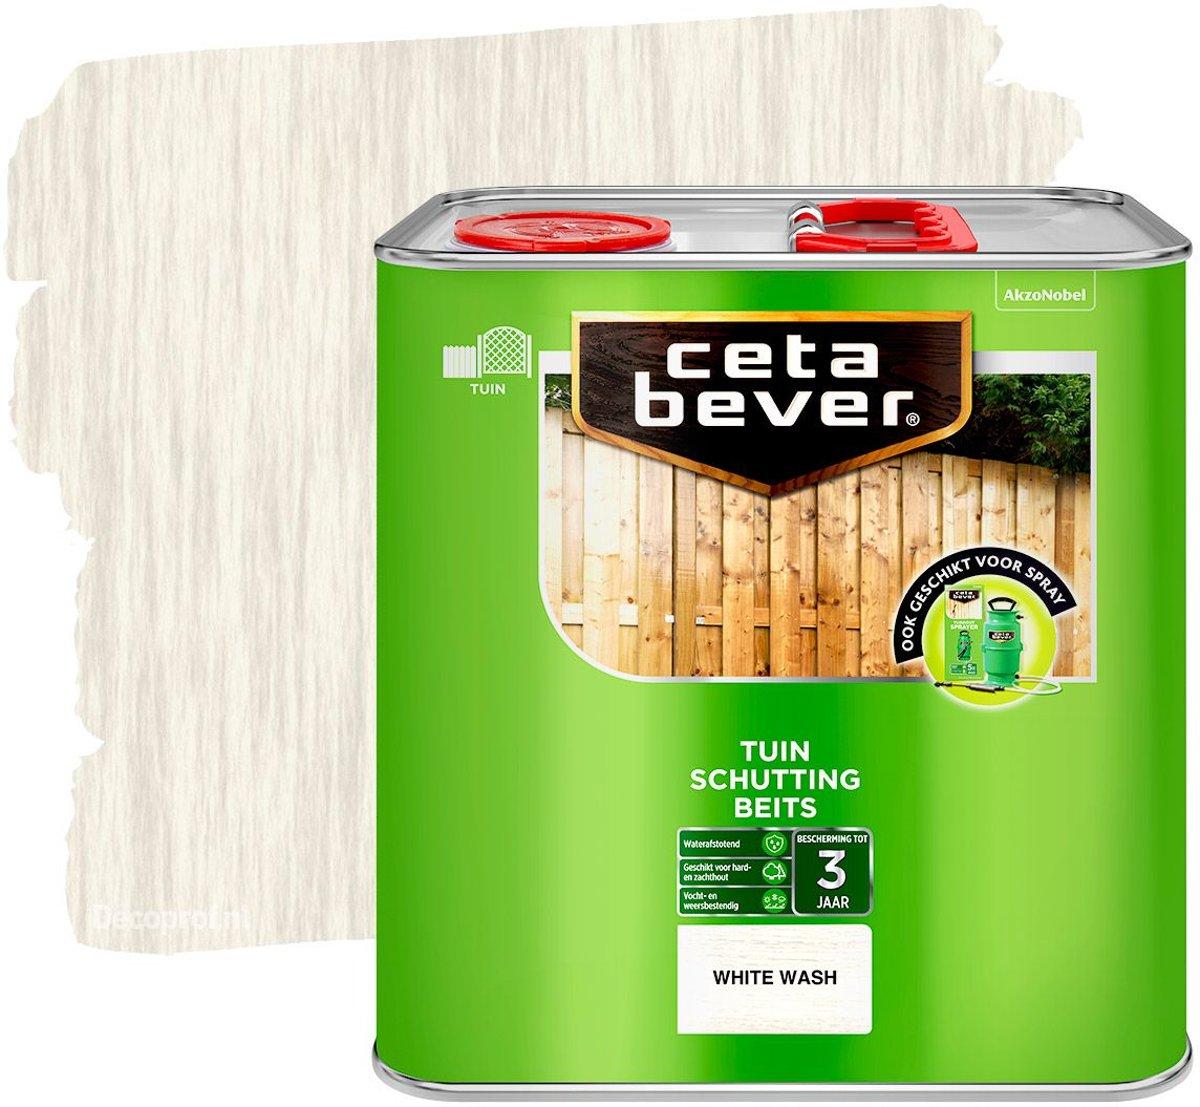 Cetabever SchuttingBeits - White Wash - 2,5L kopen